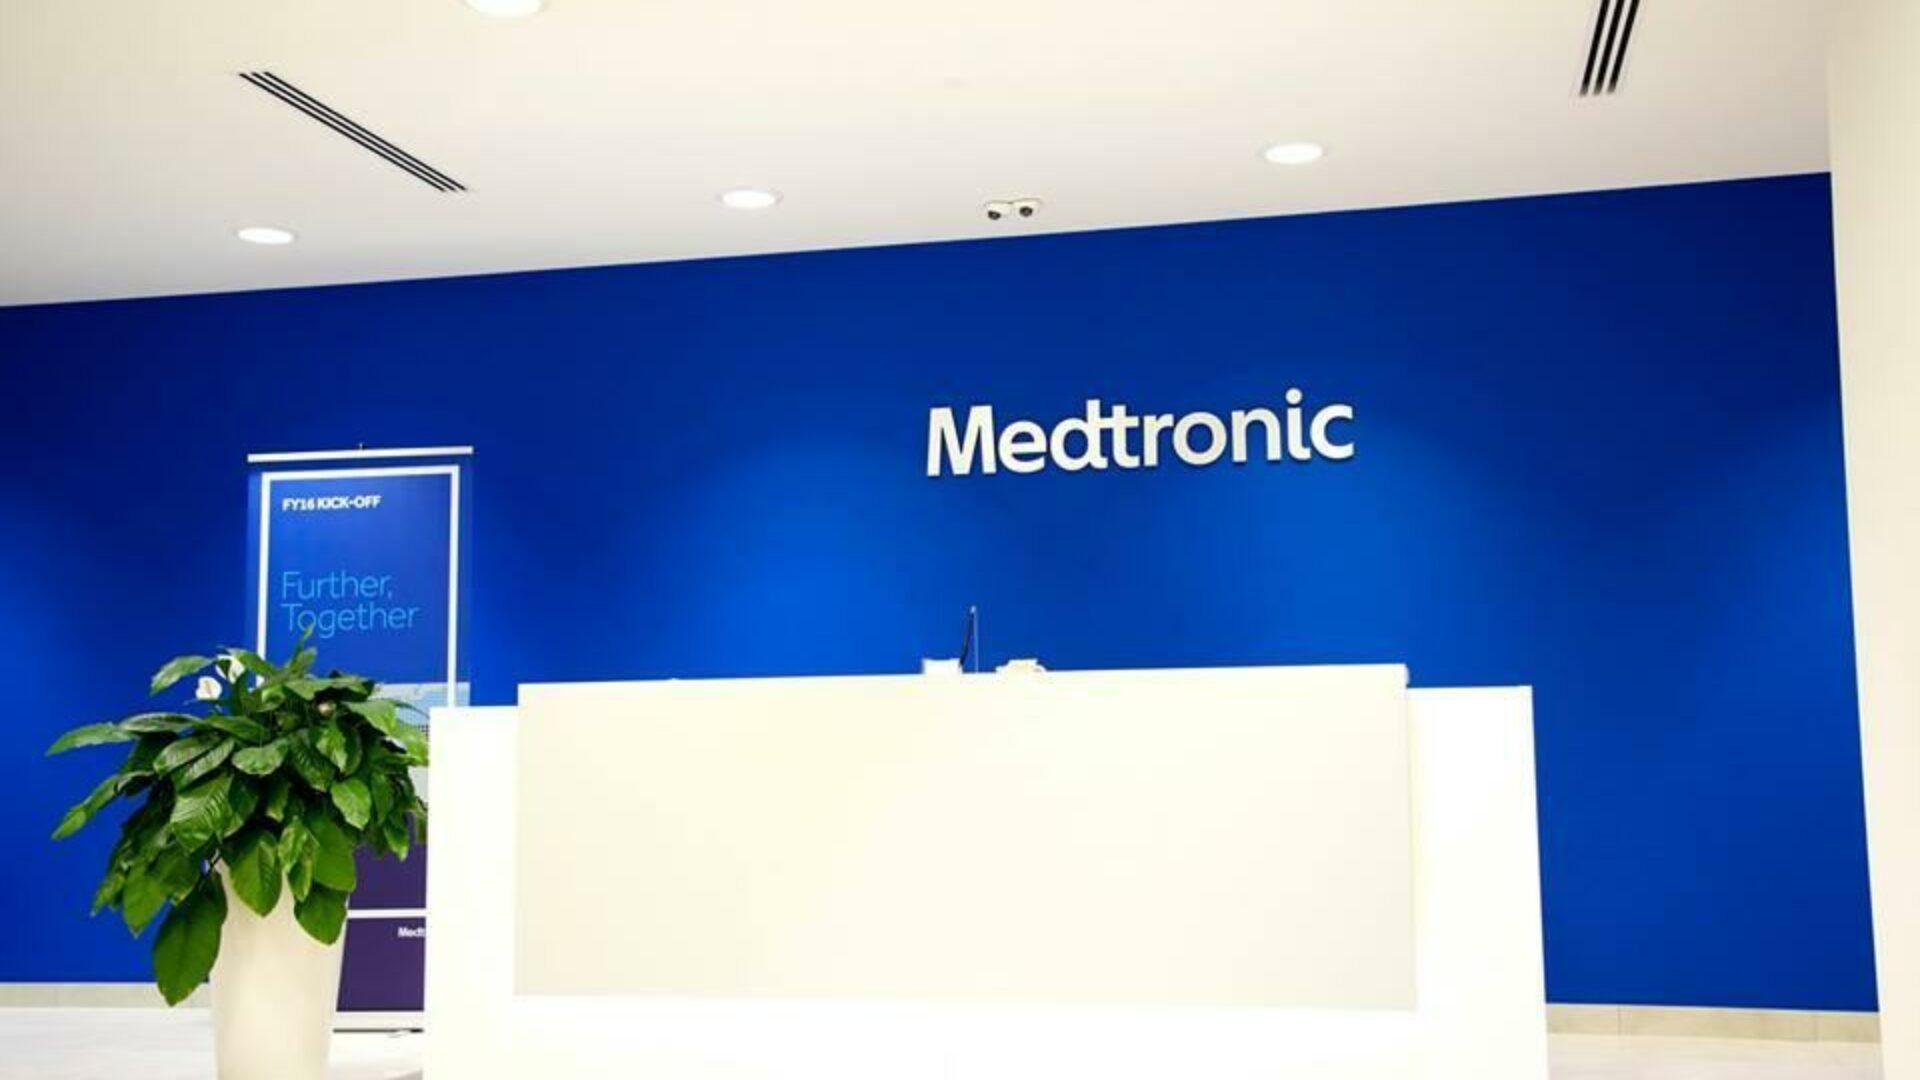 medtronic-07